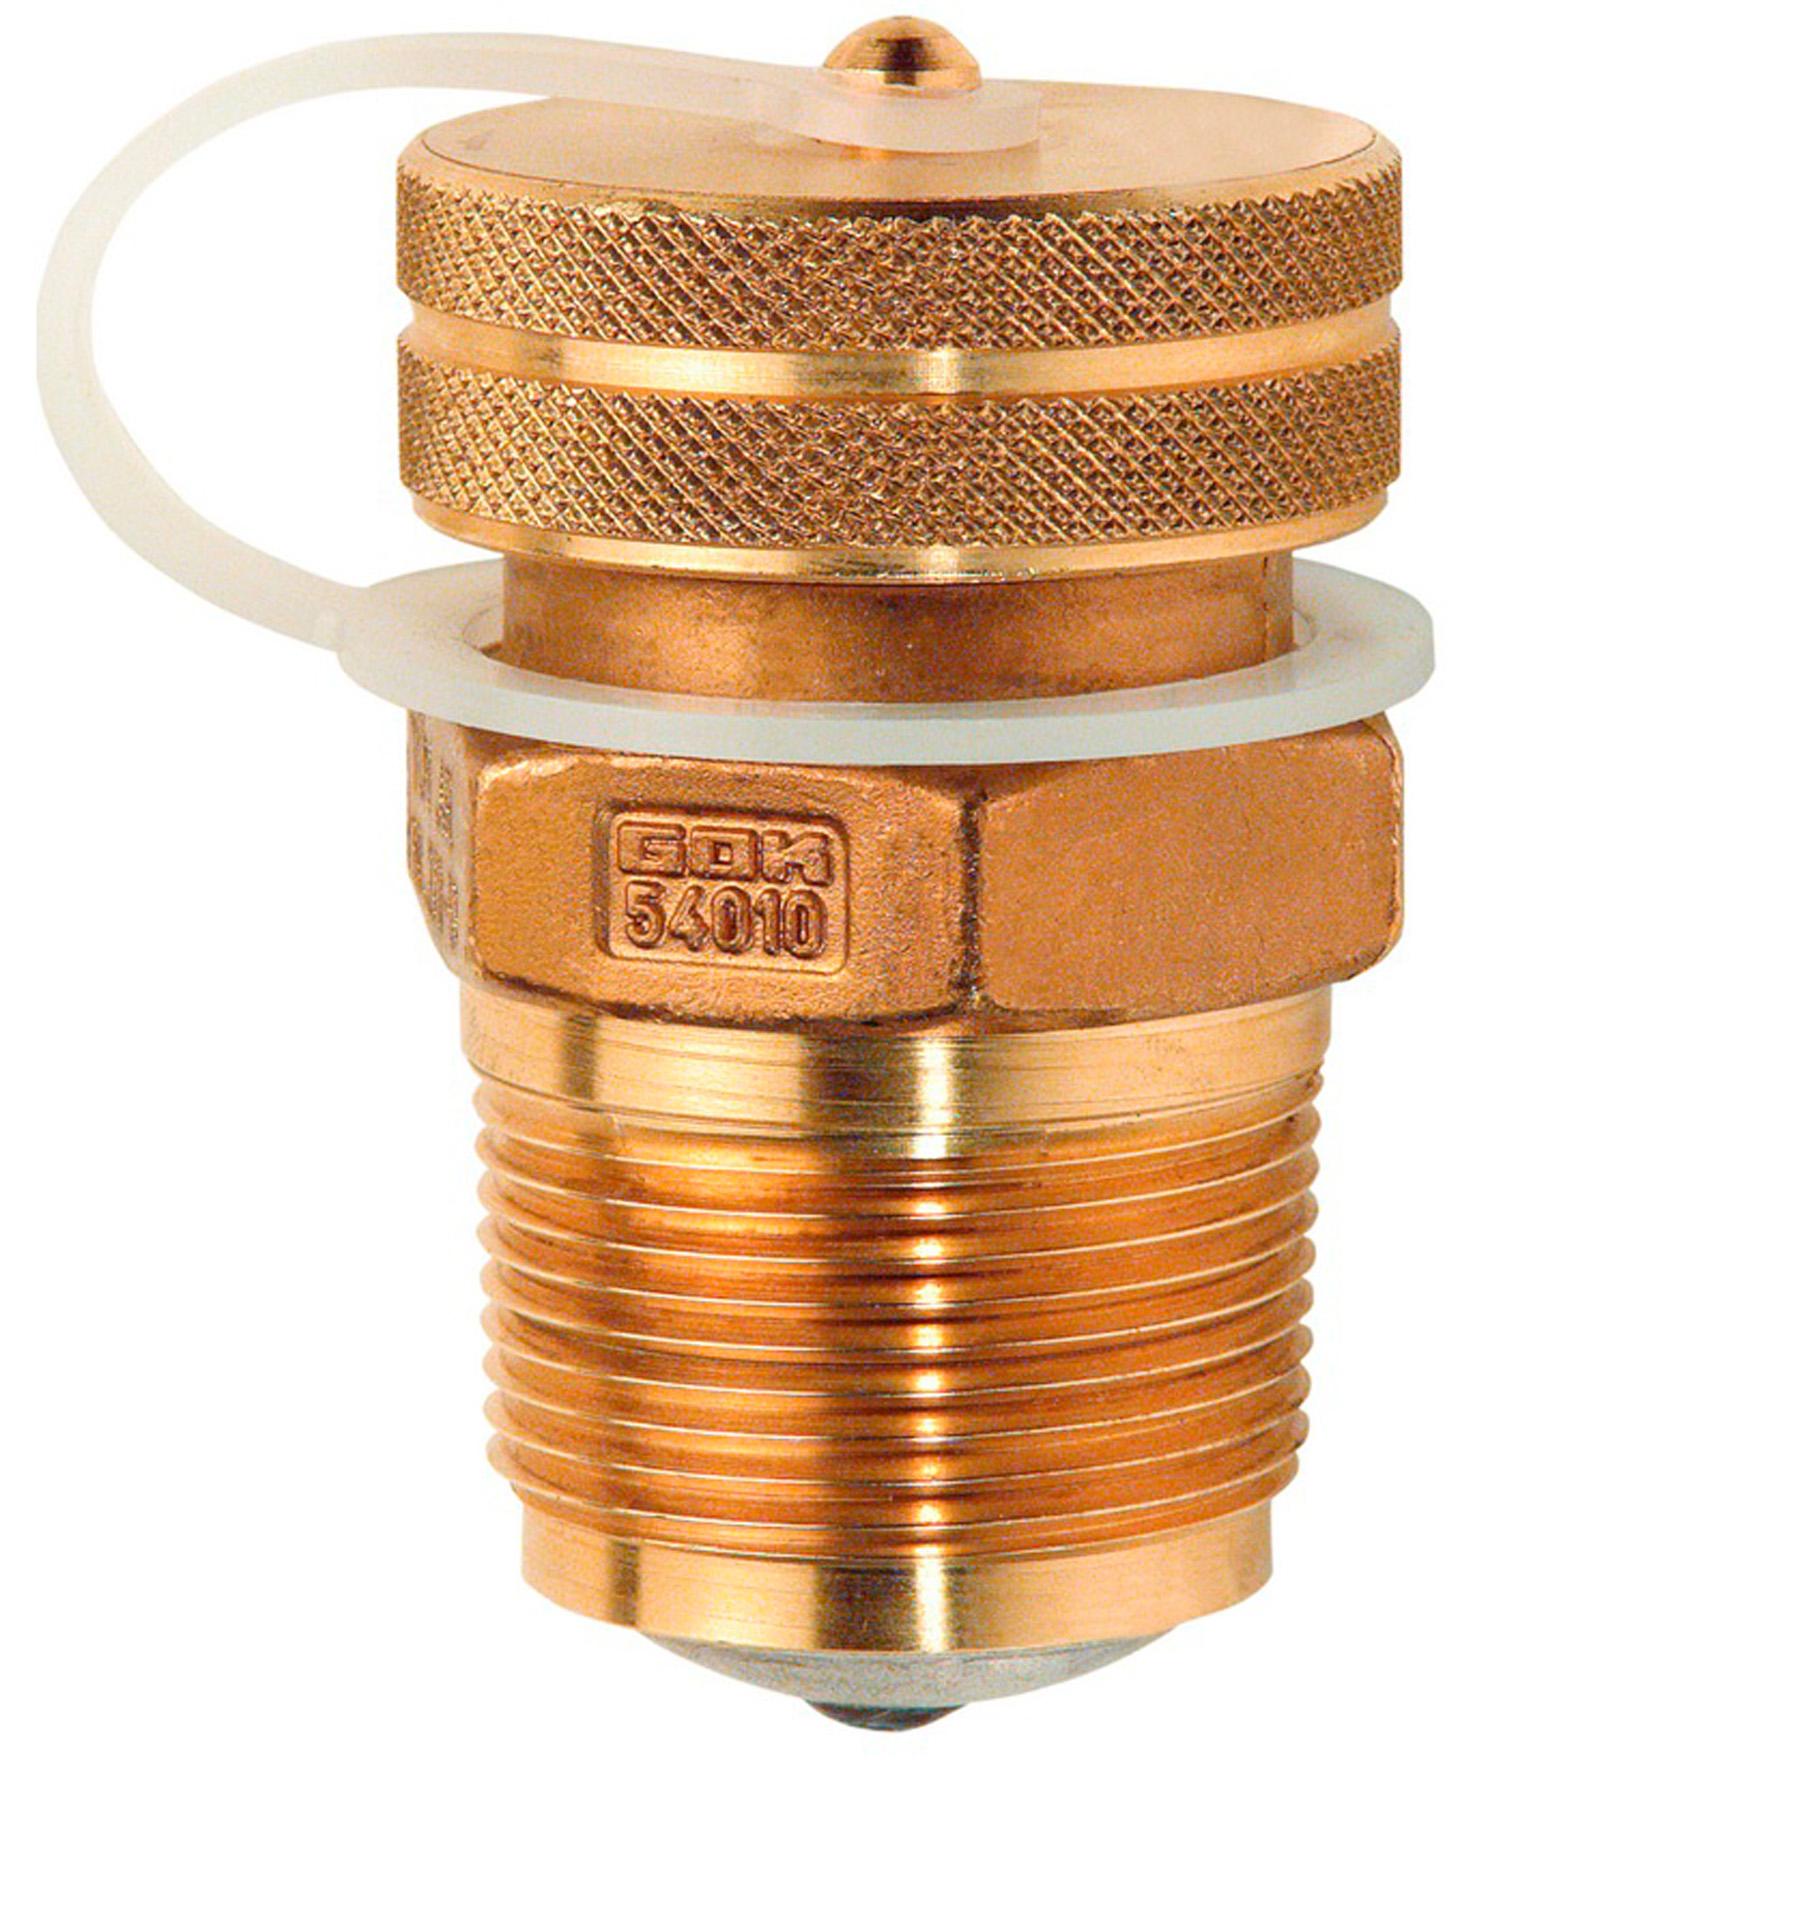 Вентиль паровой фазы для емкости сжиженного газа тип 55212 AG 3/4 NPT x IG POL PS25бар ПТ430мм